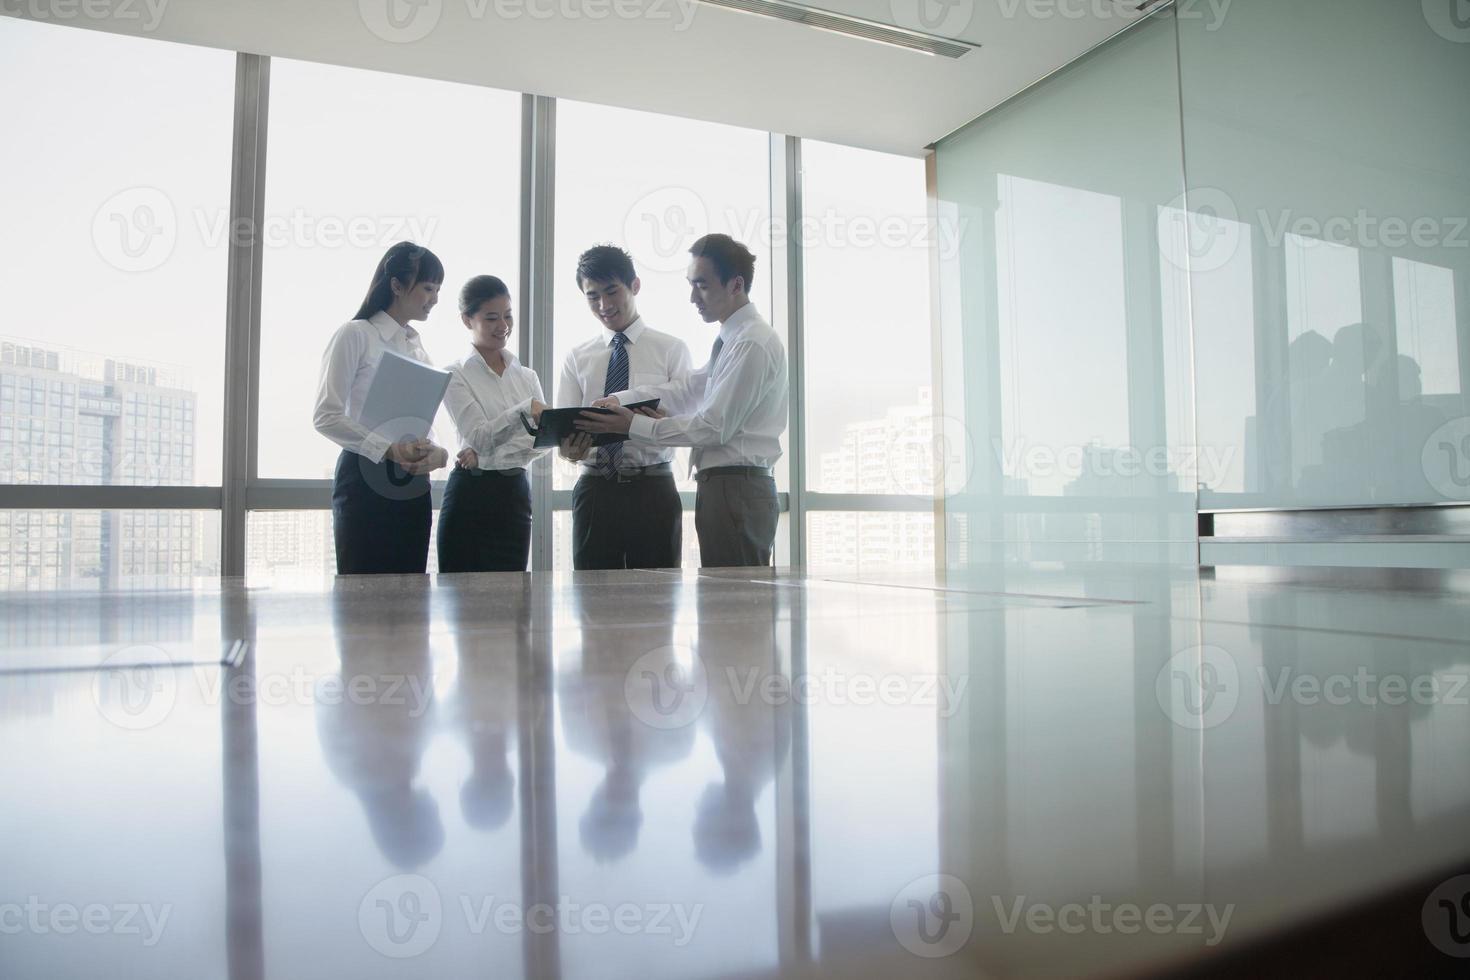 vier jonge mensen uit het bedrijfsleven staan bij de vergadertafel foto